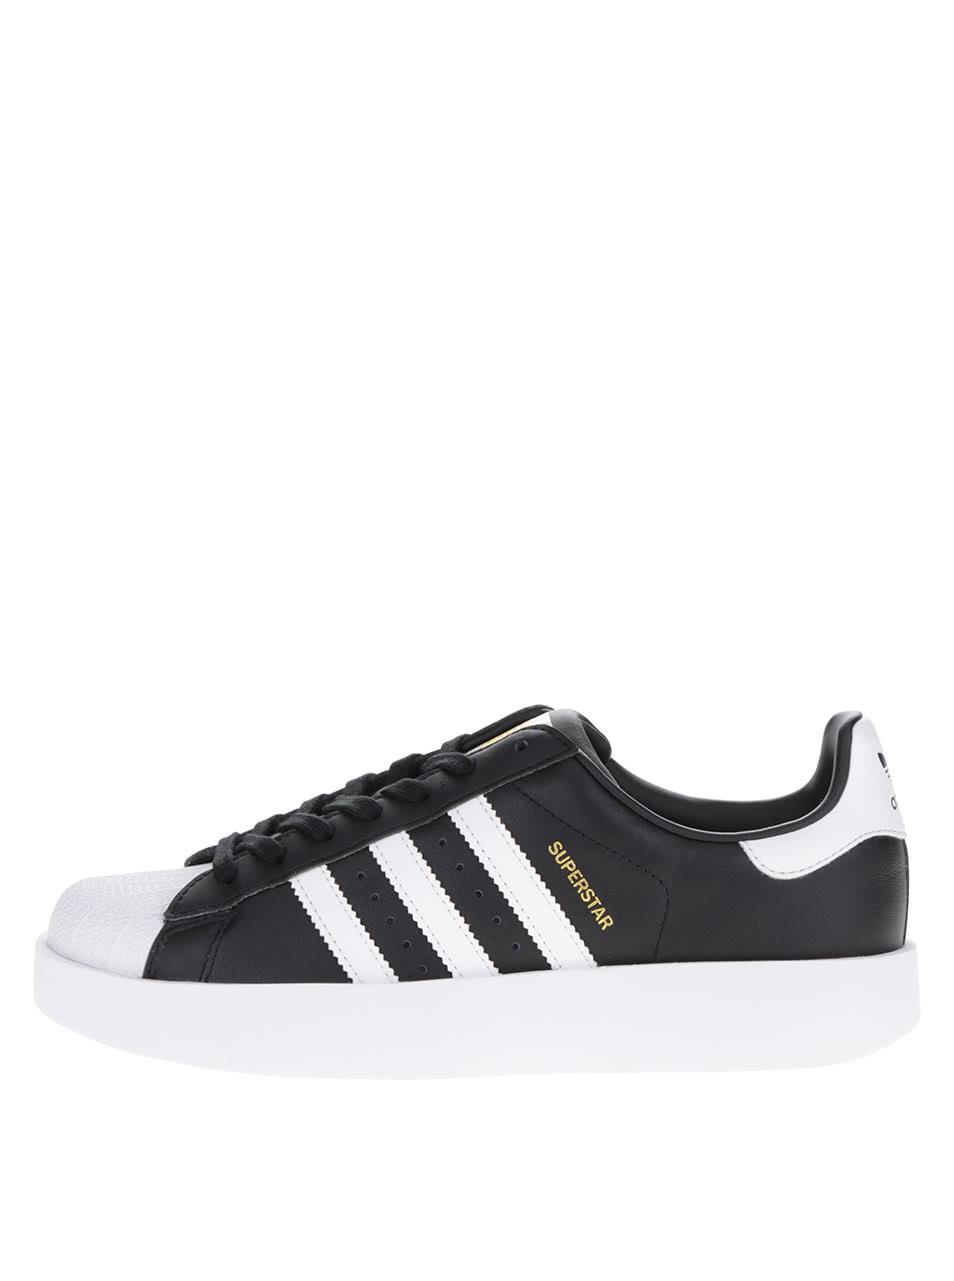 Čierne dámske kožené tenisky na platforme adidas Originals Superstar ... eba70a628e1